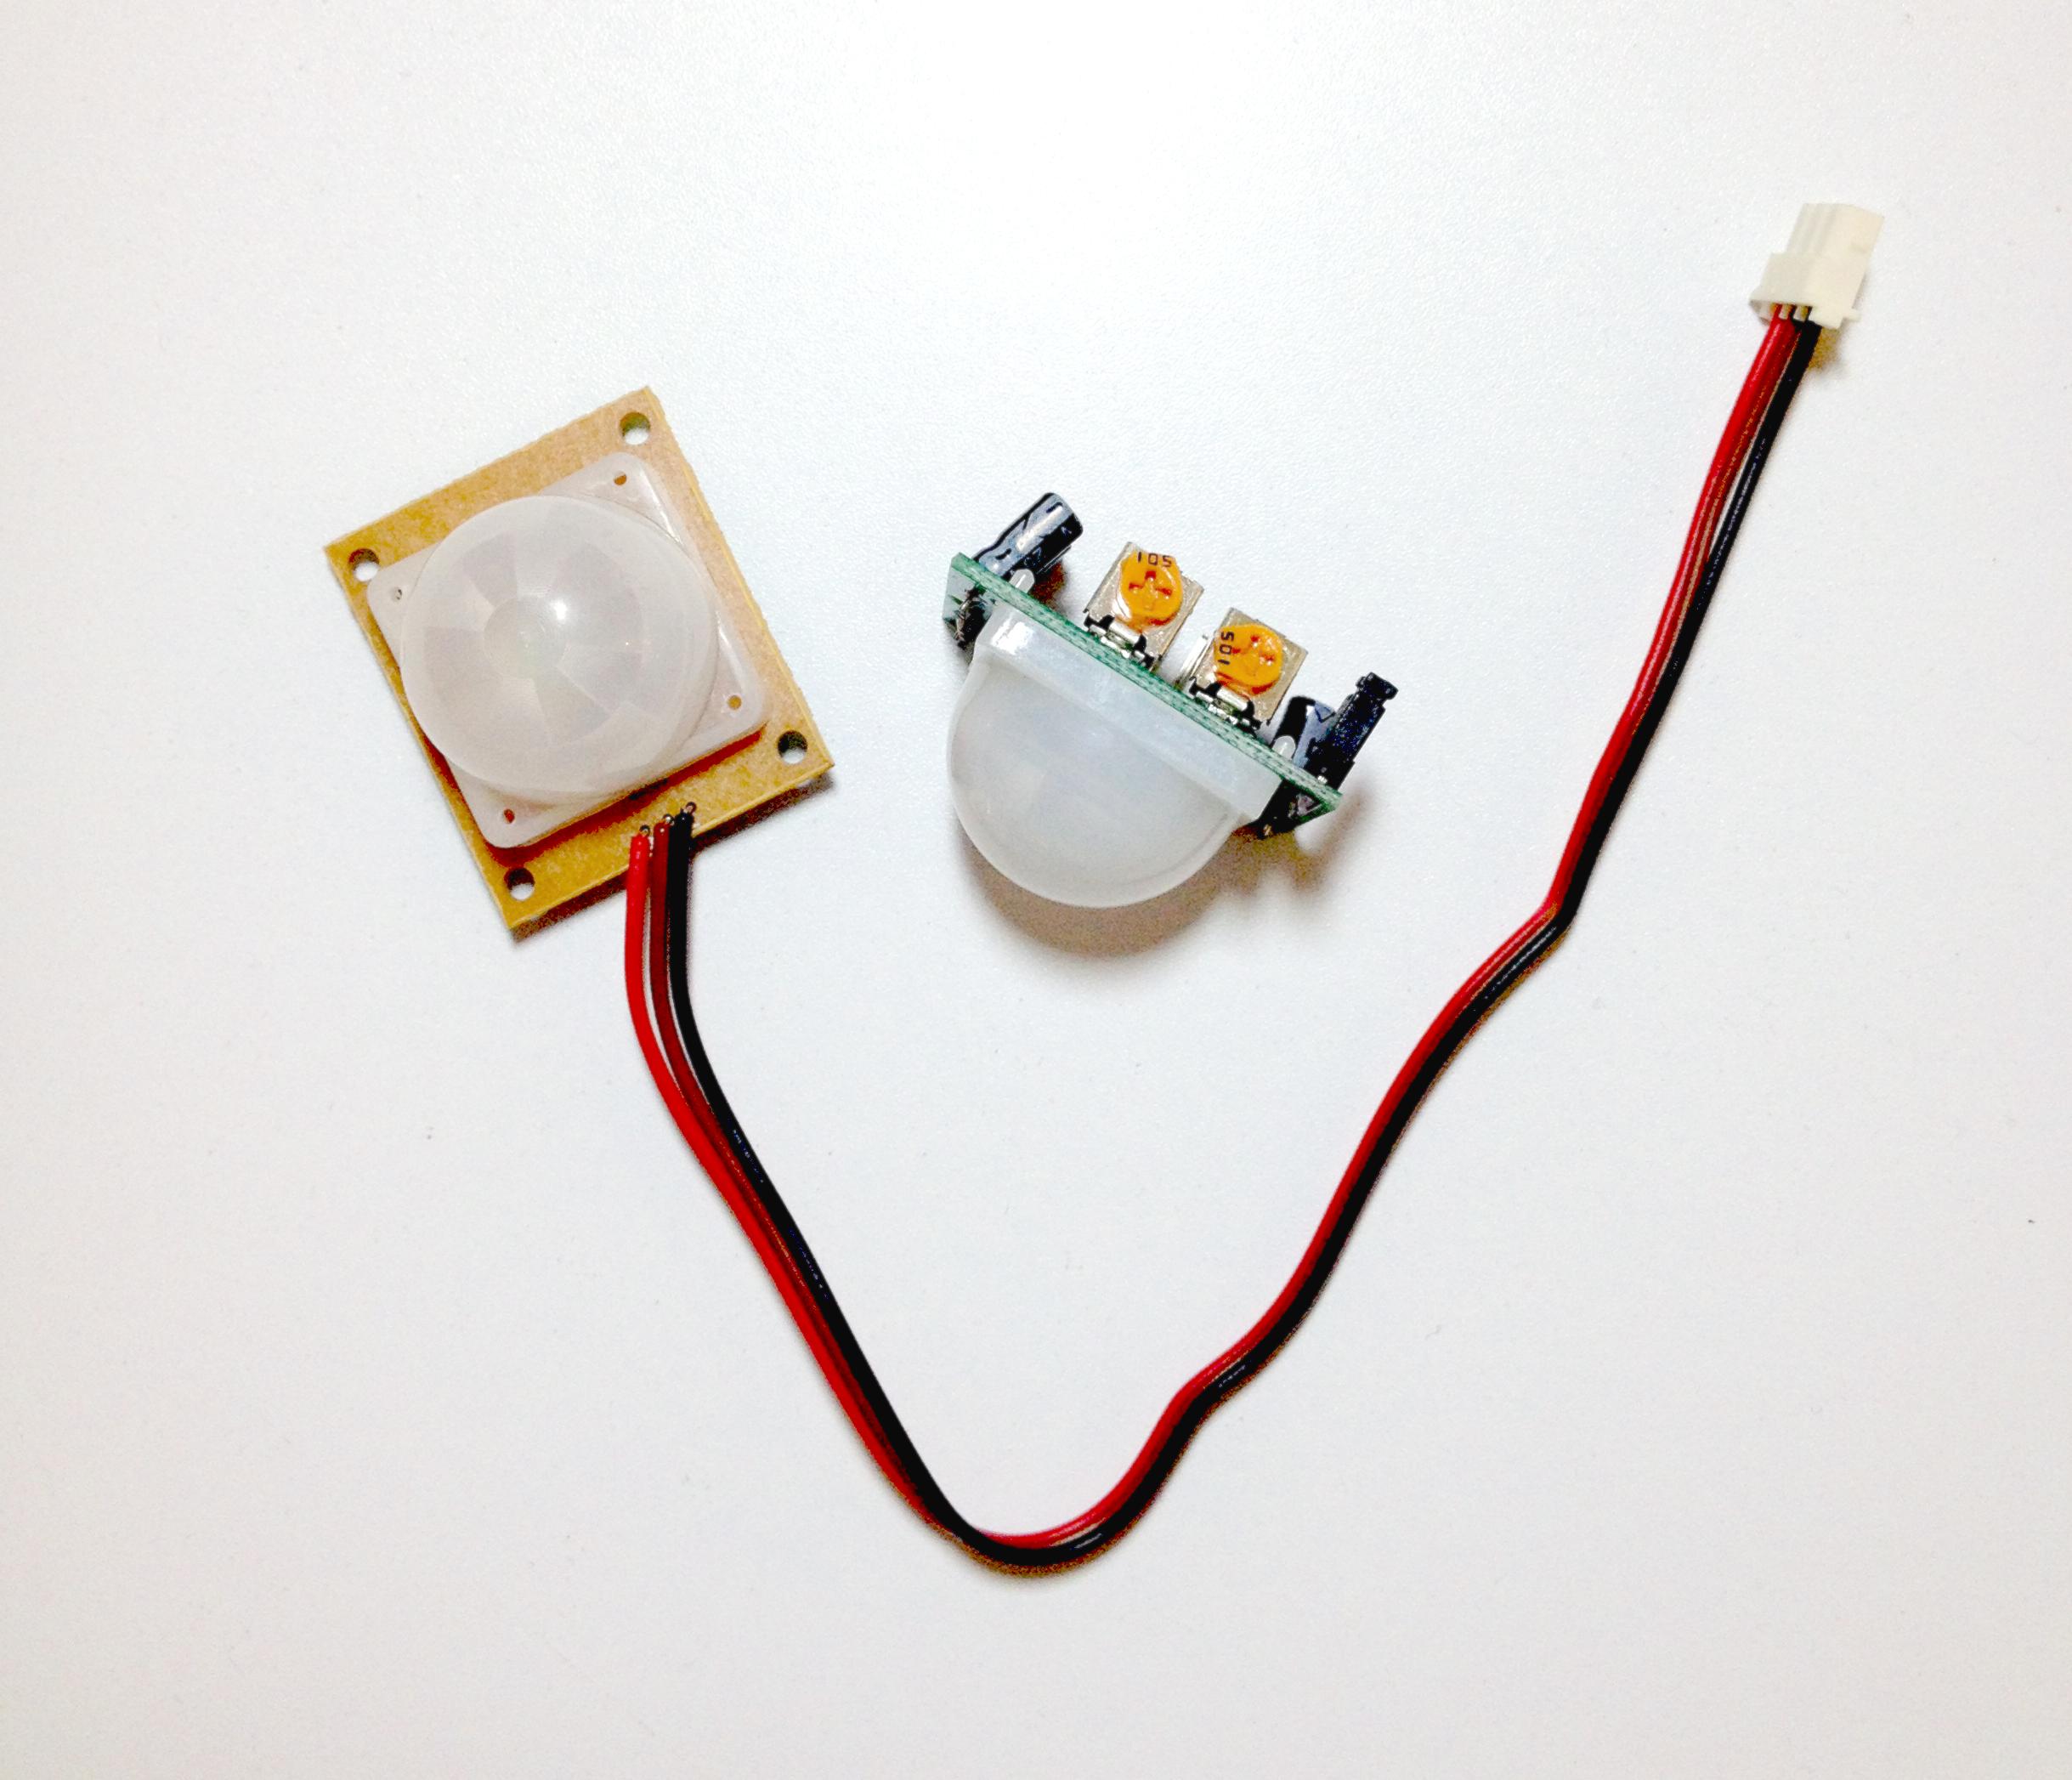 Lecci n 27 arduino sensor de movimiento pir hardware - Tipos de sensores de movimiento ...